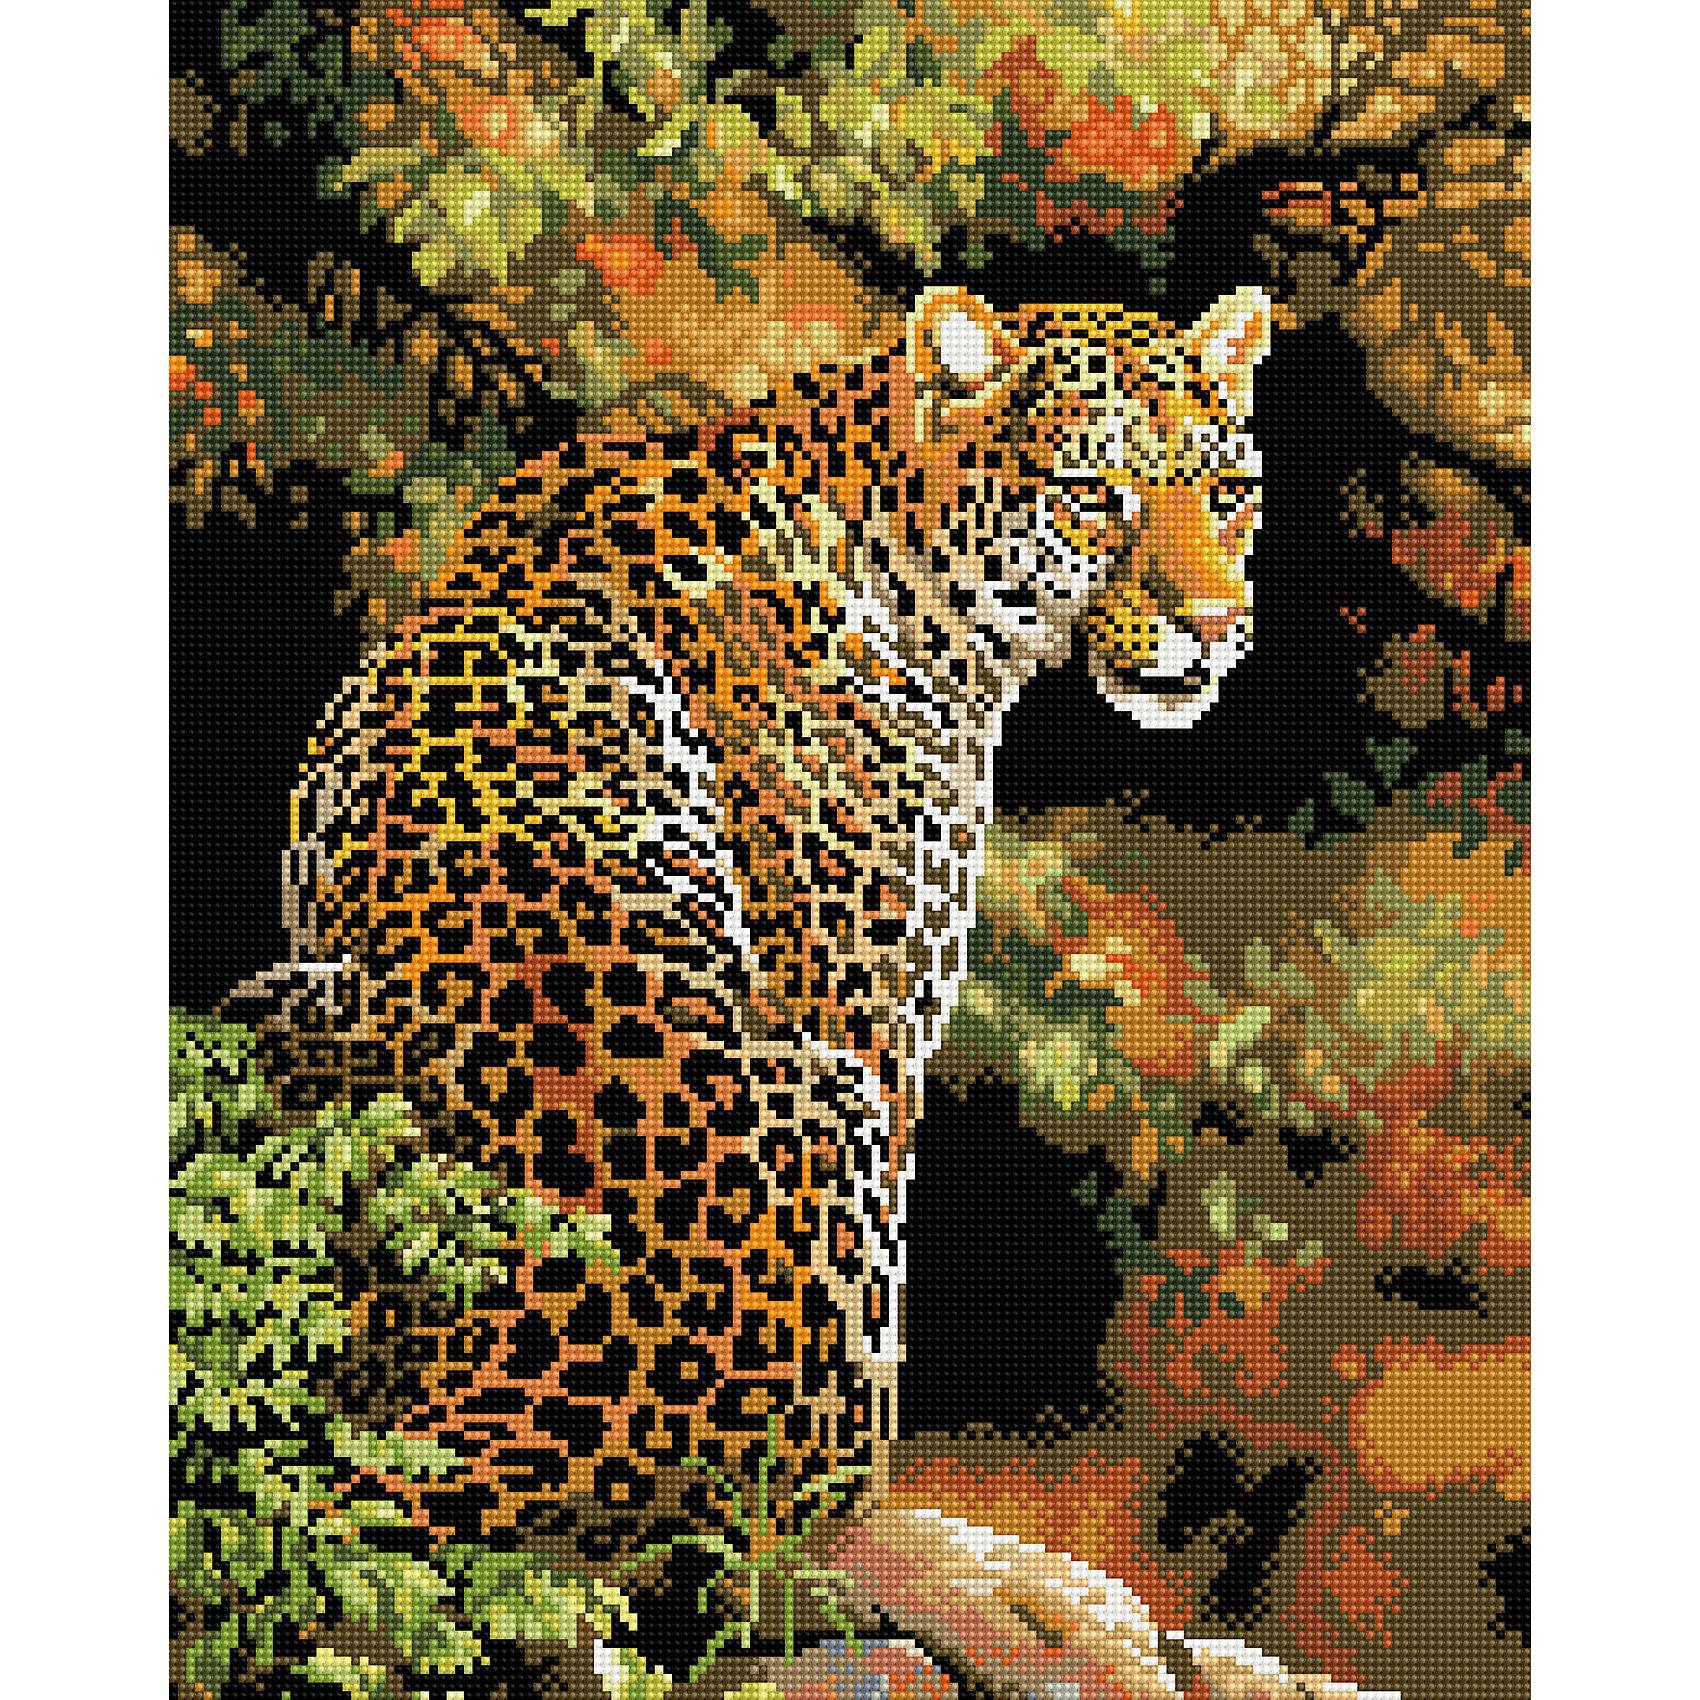 Алмазная мозаика Леопард 40*50 смХарактеристики:<br><br>• Предназначение: для занятий творчеством в технике алмазной живописи<br>• Тематика: Животные<br>• Пол: для девочек<br>• Уровень сложности: средний<br>• Материал: дерево, бумага, акрил, пластик<br>• Цвет: оттенки коричневого, оранжевый, желтый, зеленый и др.<br>• Количество цветов: 26<br>• Комплектация: холст на подрамнике, стразы, пинцет, карандаш для камней, клей, лоток для камней, инструкция<br>• Размеры (Ш*Д): 40*50 см<br>• Тип выкладки камней: сплошное заполнение рисунка<br>• Стразы квадратной формы <br>• Вес: 900 г <br>• Упаковка: картонная коробка<br><br>Алмазная мозаика Леопард 40*50 см – это набор для создания картины в технике алмазной живописи. Набор для творчества включает в себя холст, на который нанесена схема рисунка, комплекта разноцветных страз квадратной формы, подрамника и инструментов для выкладки узора. Все использованные в наборе материалы экологичные и нетоксичные. Картина выполняется в технике сплошного заполнения декоративными элементами поверхности холста, что обеспечивает высокую реалистичность рисунка. На схеме изображен леопард, сидящий на дереве. <br>Готовые наборы для алмазной мозаики – это оптимальный вариант для любителей рукоделия, так как в них предусмотрены все материалы в требуемом для изготовления картины количестве. Занятия алмазной живописью позволят развивать навыки чтения схем, выполнения заданий по образцу, будут способствовать внимательности, терпению и развитию мелкой моторики. <br>Наборы алмазной мозаики могут быть преподнесены в качестве подарка не только девочкам, но и взрослым любительницам рукоделия.<br><br>Алмазную мозаику Леопард 40*50 см можно купить в нашем интернет-магазине.<br><br>Ширина мм: 420<br>Глубина мм: 520<br>Высота мм: 50<br>Вес г: 900<br>Возраст от месяцев: 96<br>Возраст до месяцев: 2147483647<br>Пол: Женский<br>Возраст: Детский<br>SKU: 5217140